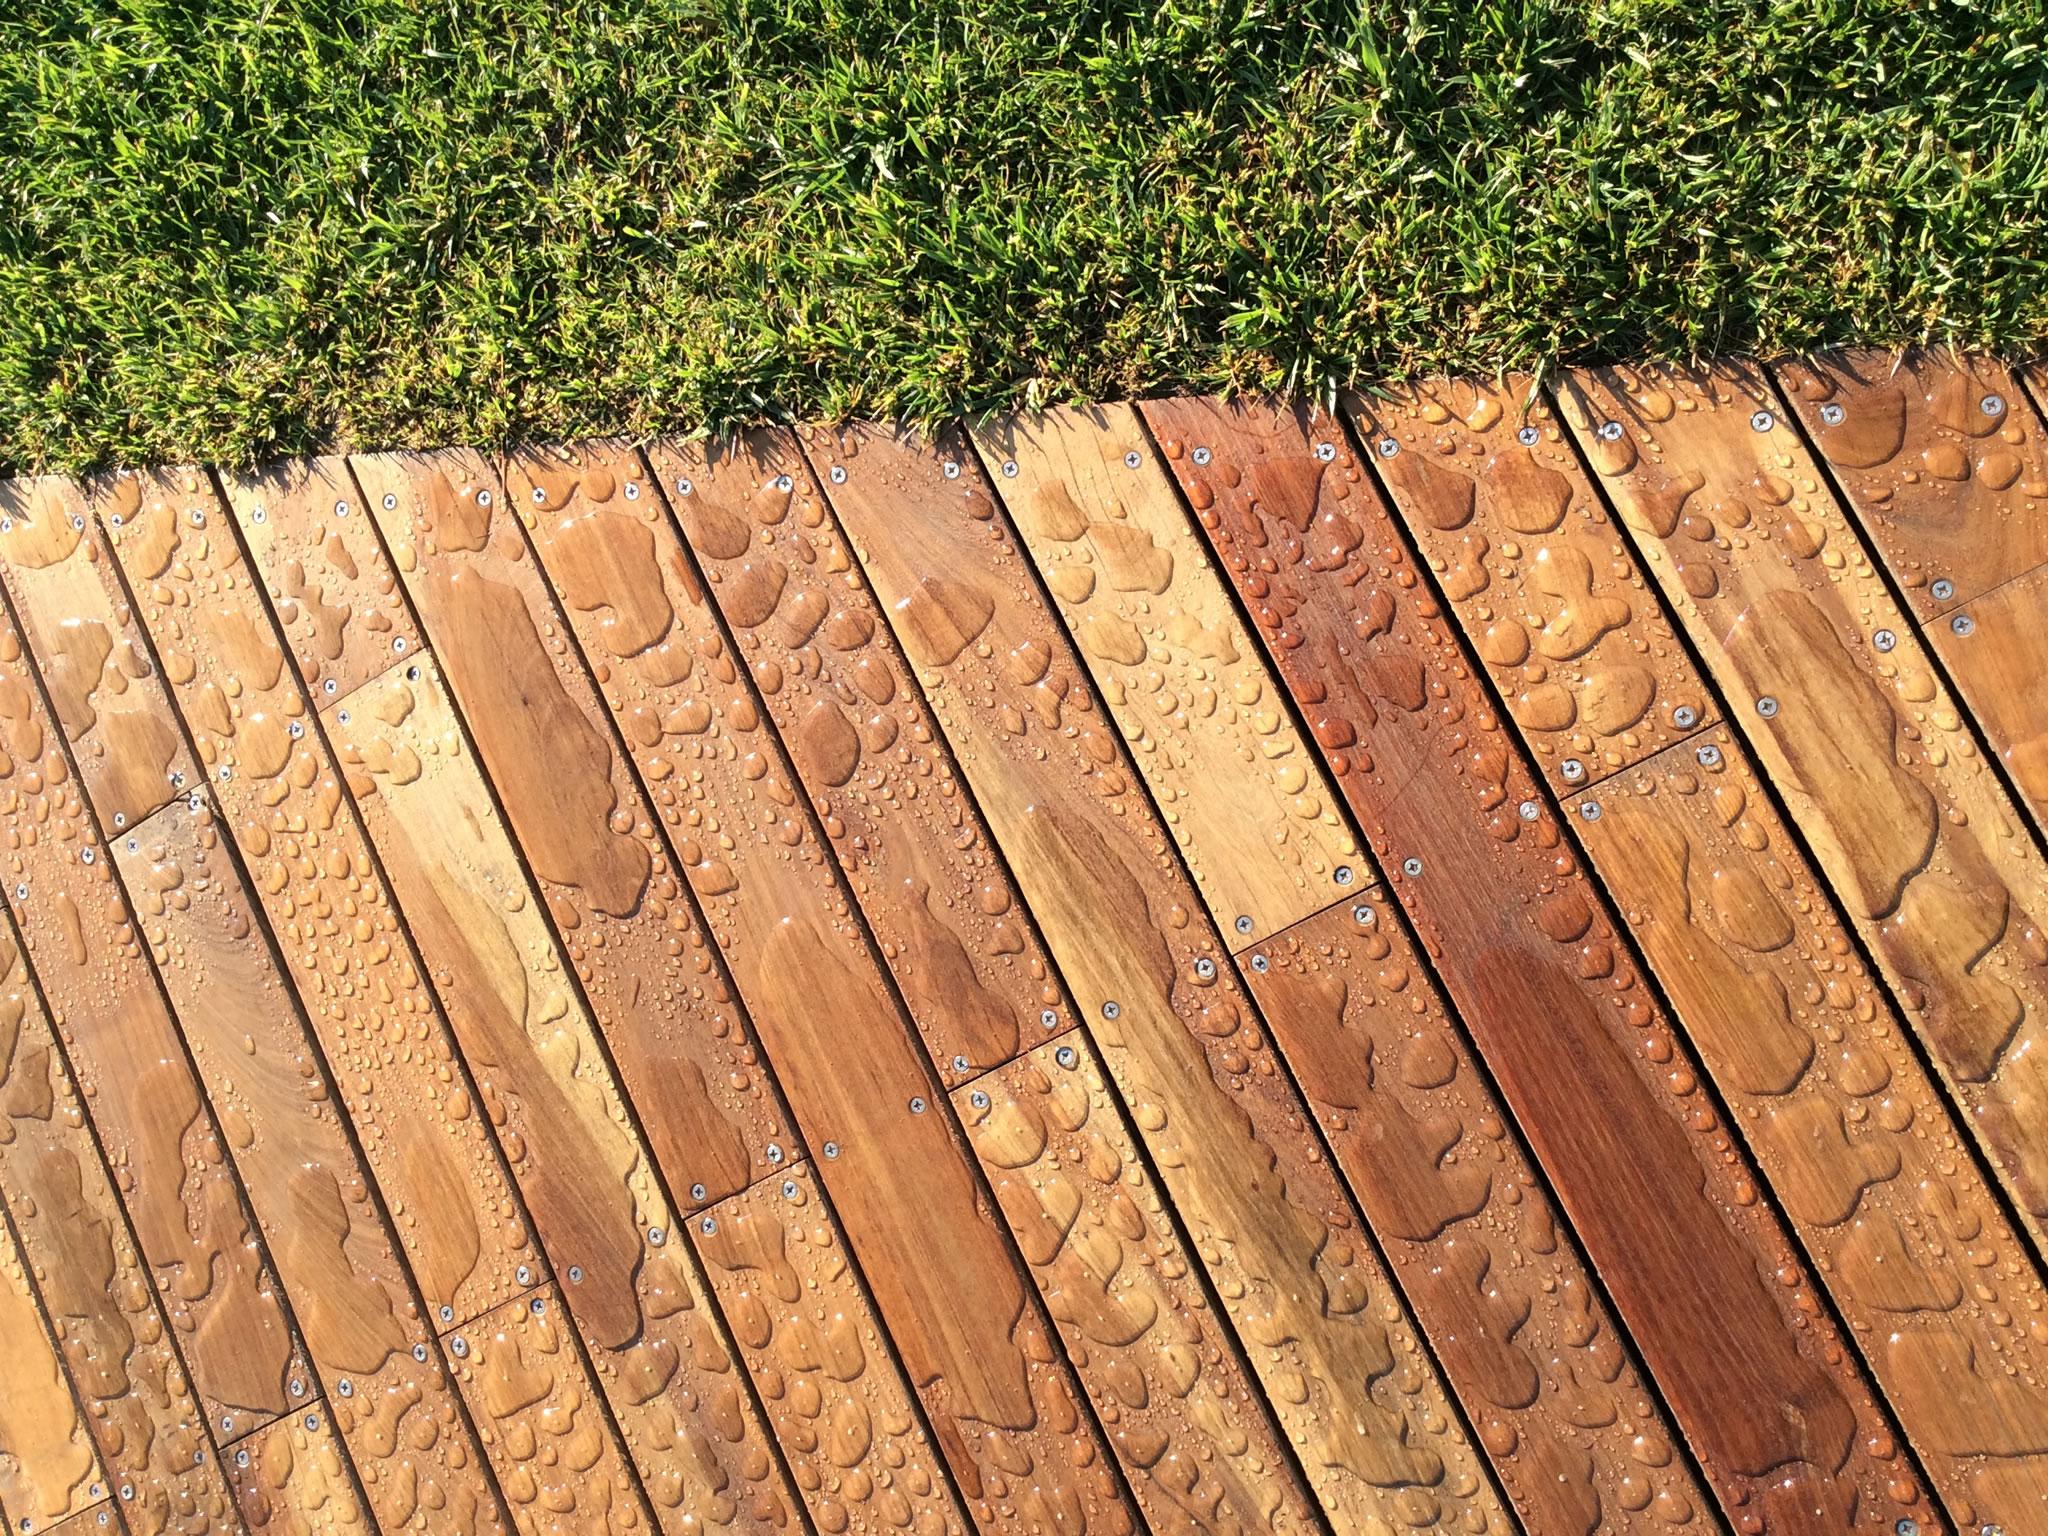 Pavimenti per esterni terenzi parquet pavimenti in legno e laminato a frosinone - Pavimenti in legno per esterno ...